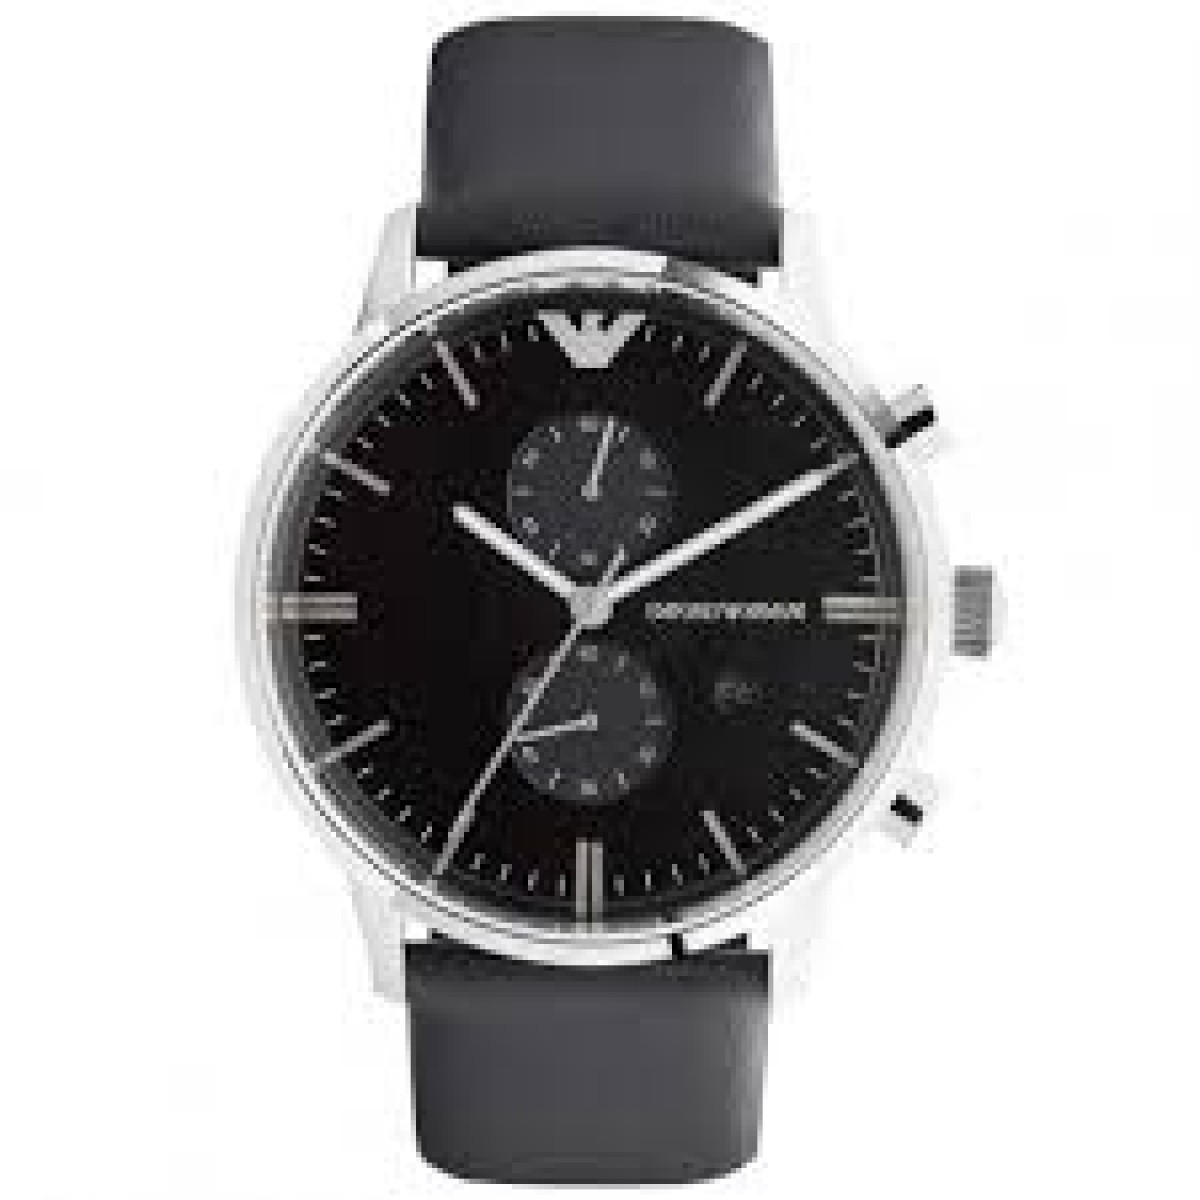 772e227100e30 Réplica de Relógio Emporio Armani ar 0397